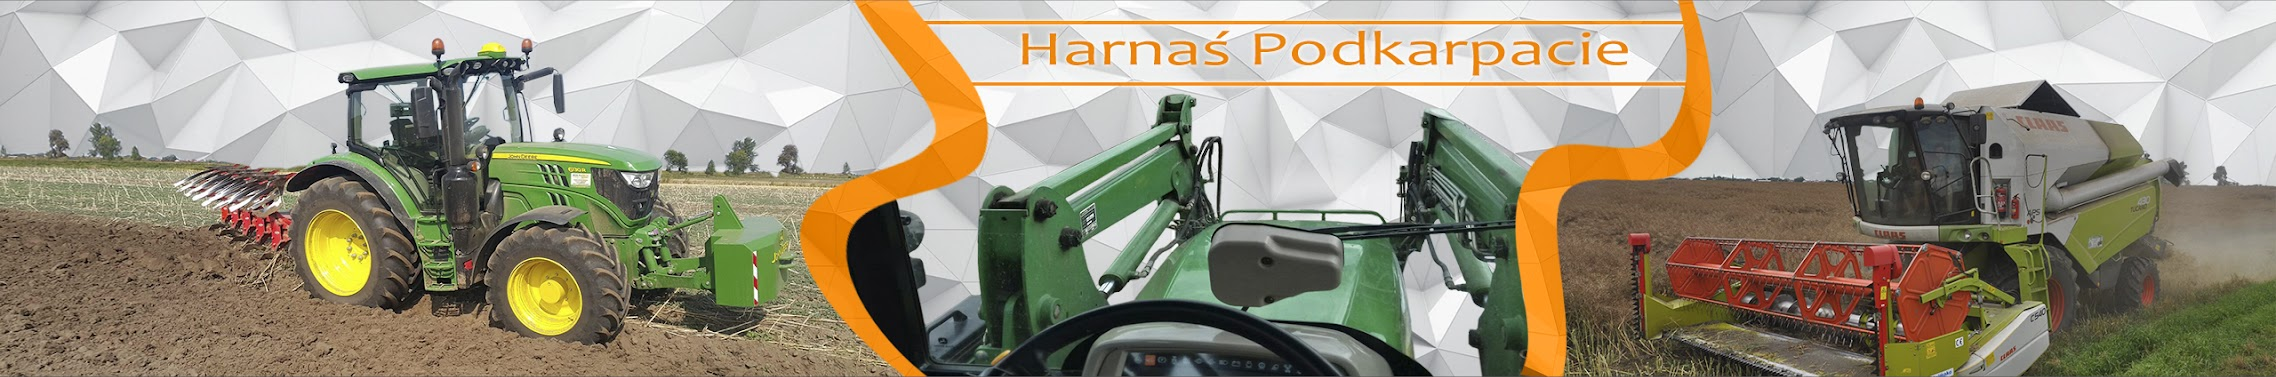 harnas02